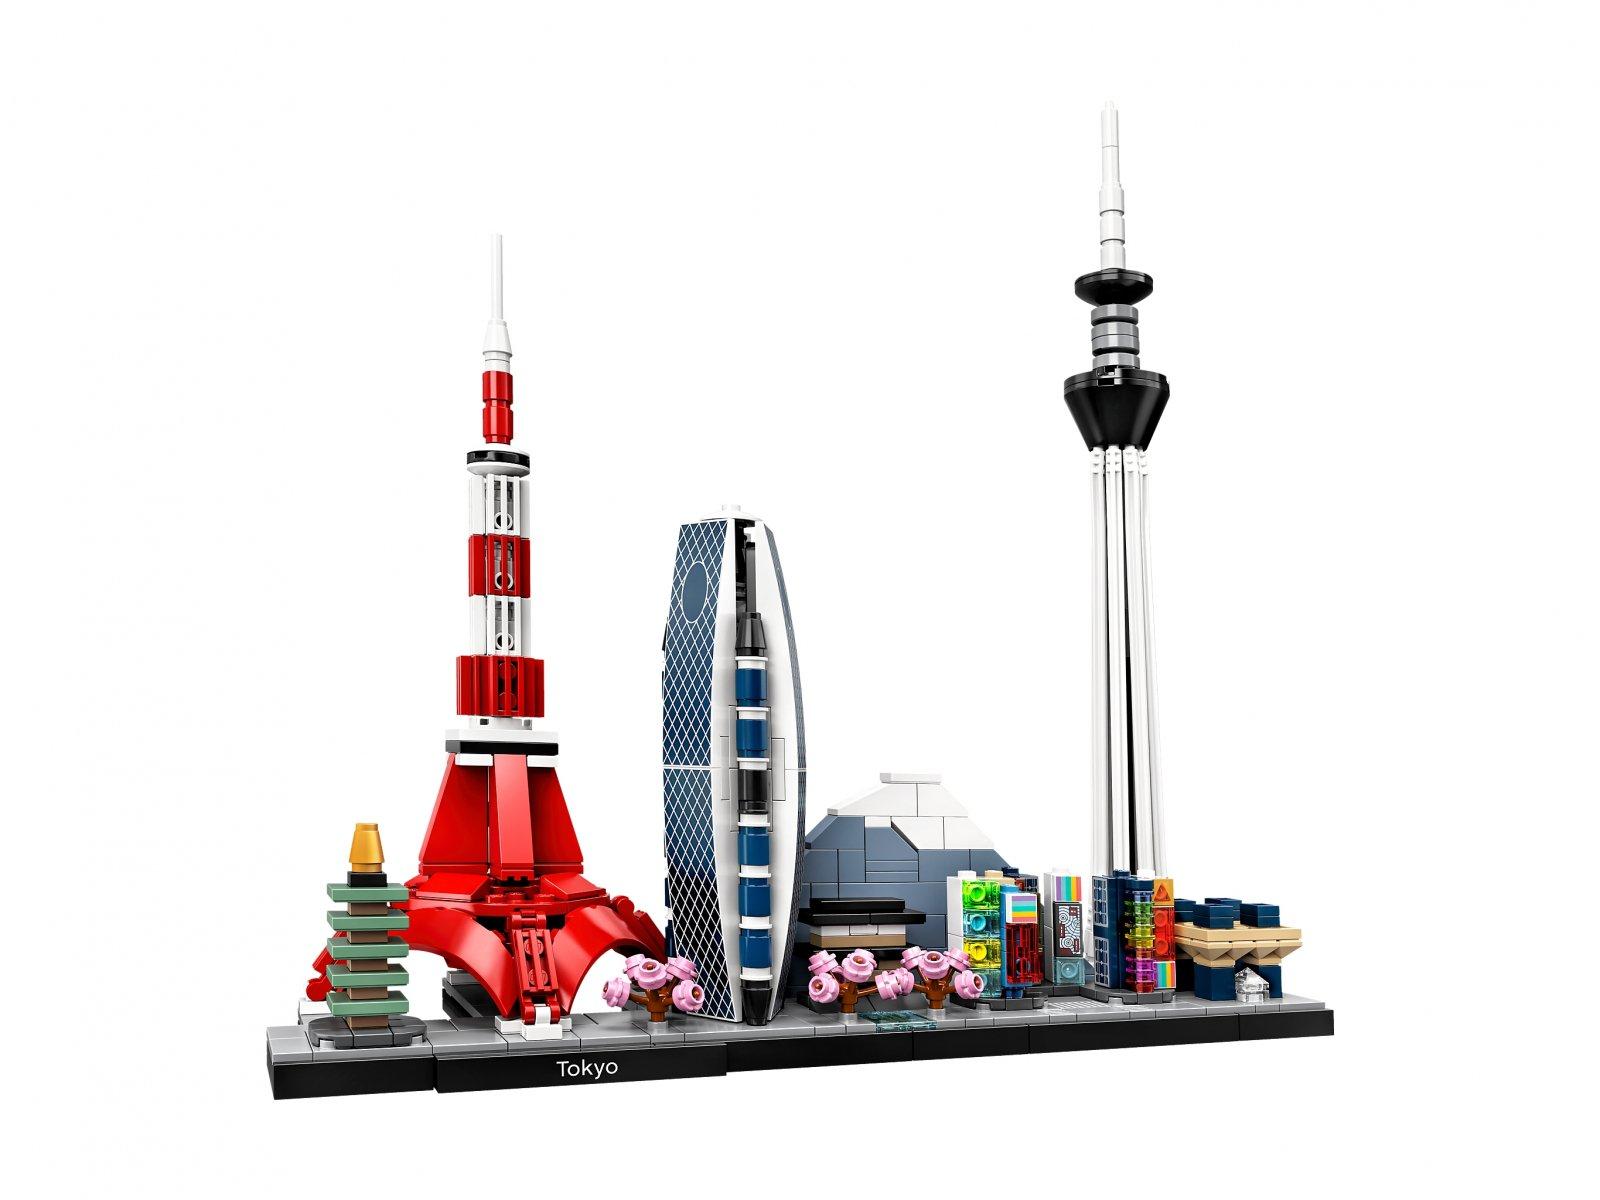 LEGO 21051 Architecture Tokio